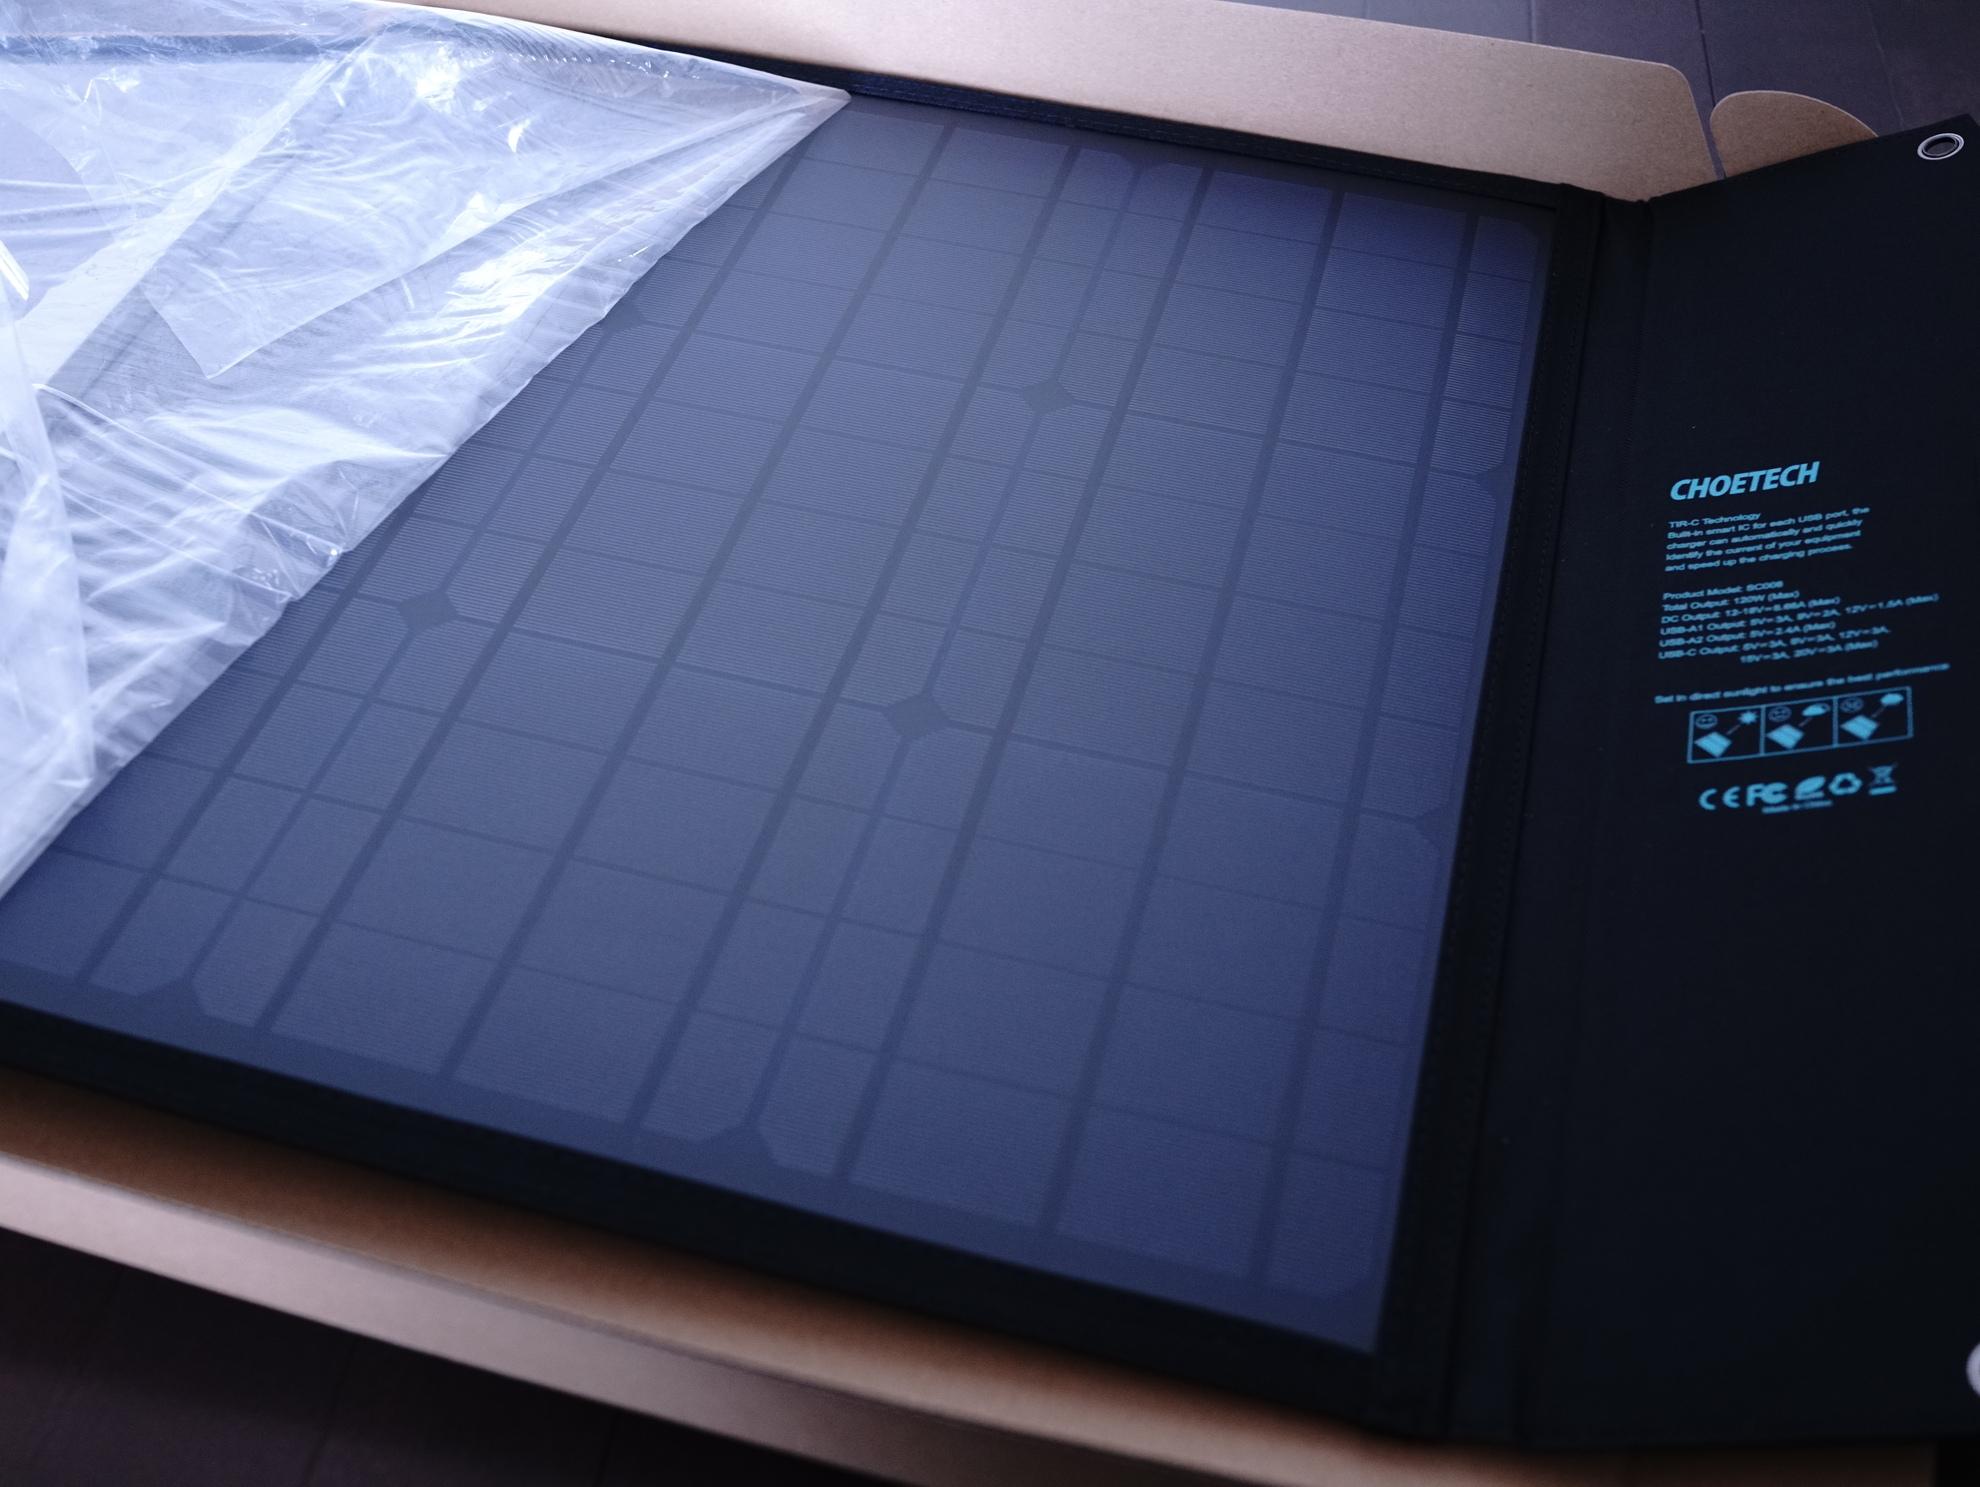 アウトドア・災害時に自家発電できる折りたたみ式ソーラー発電パネルレビュー